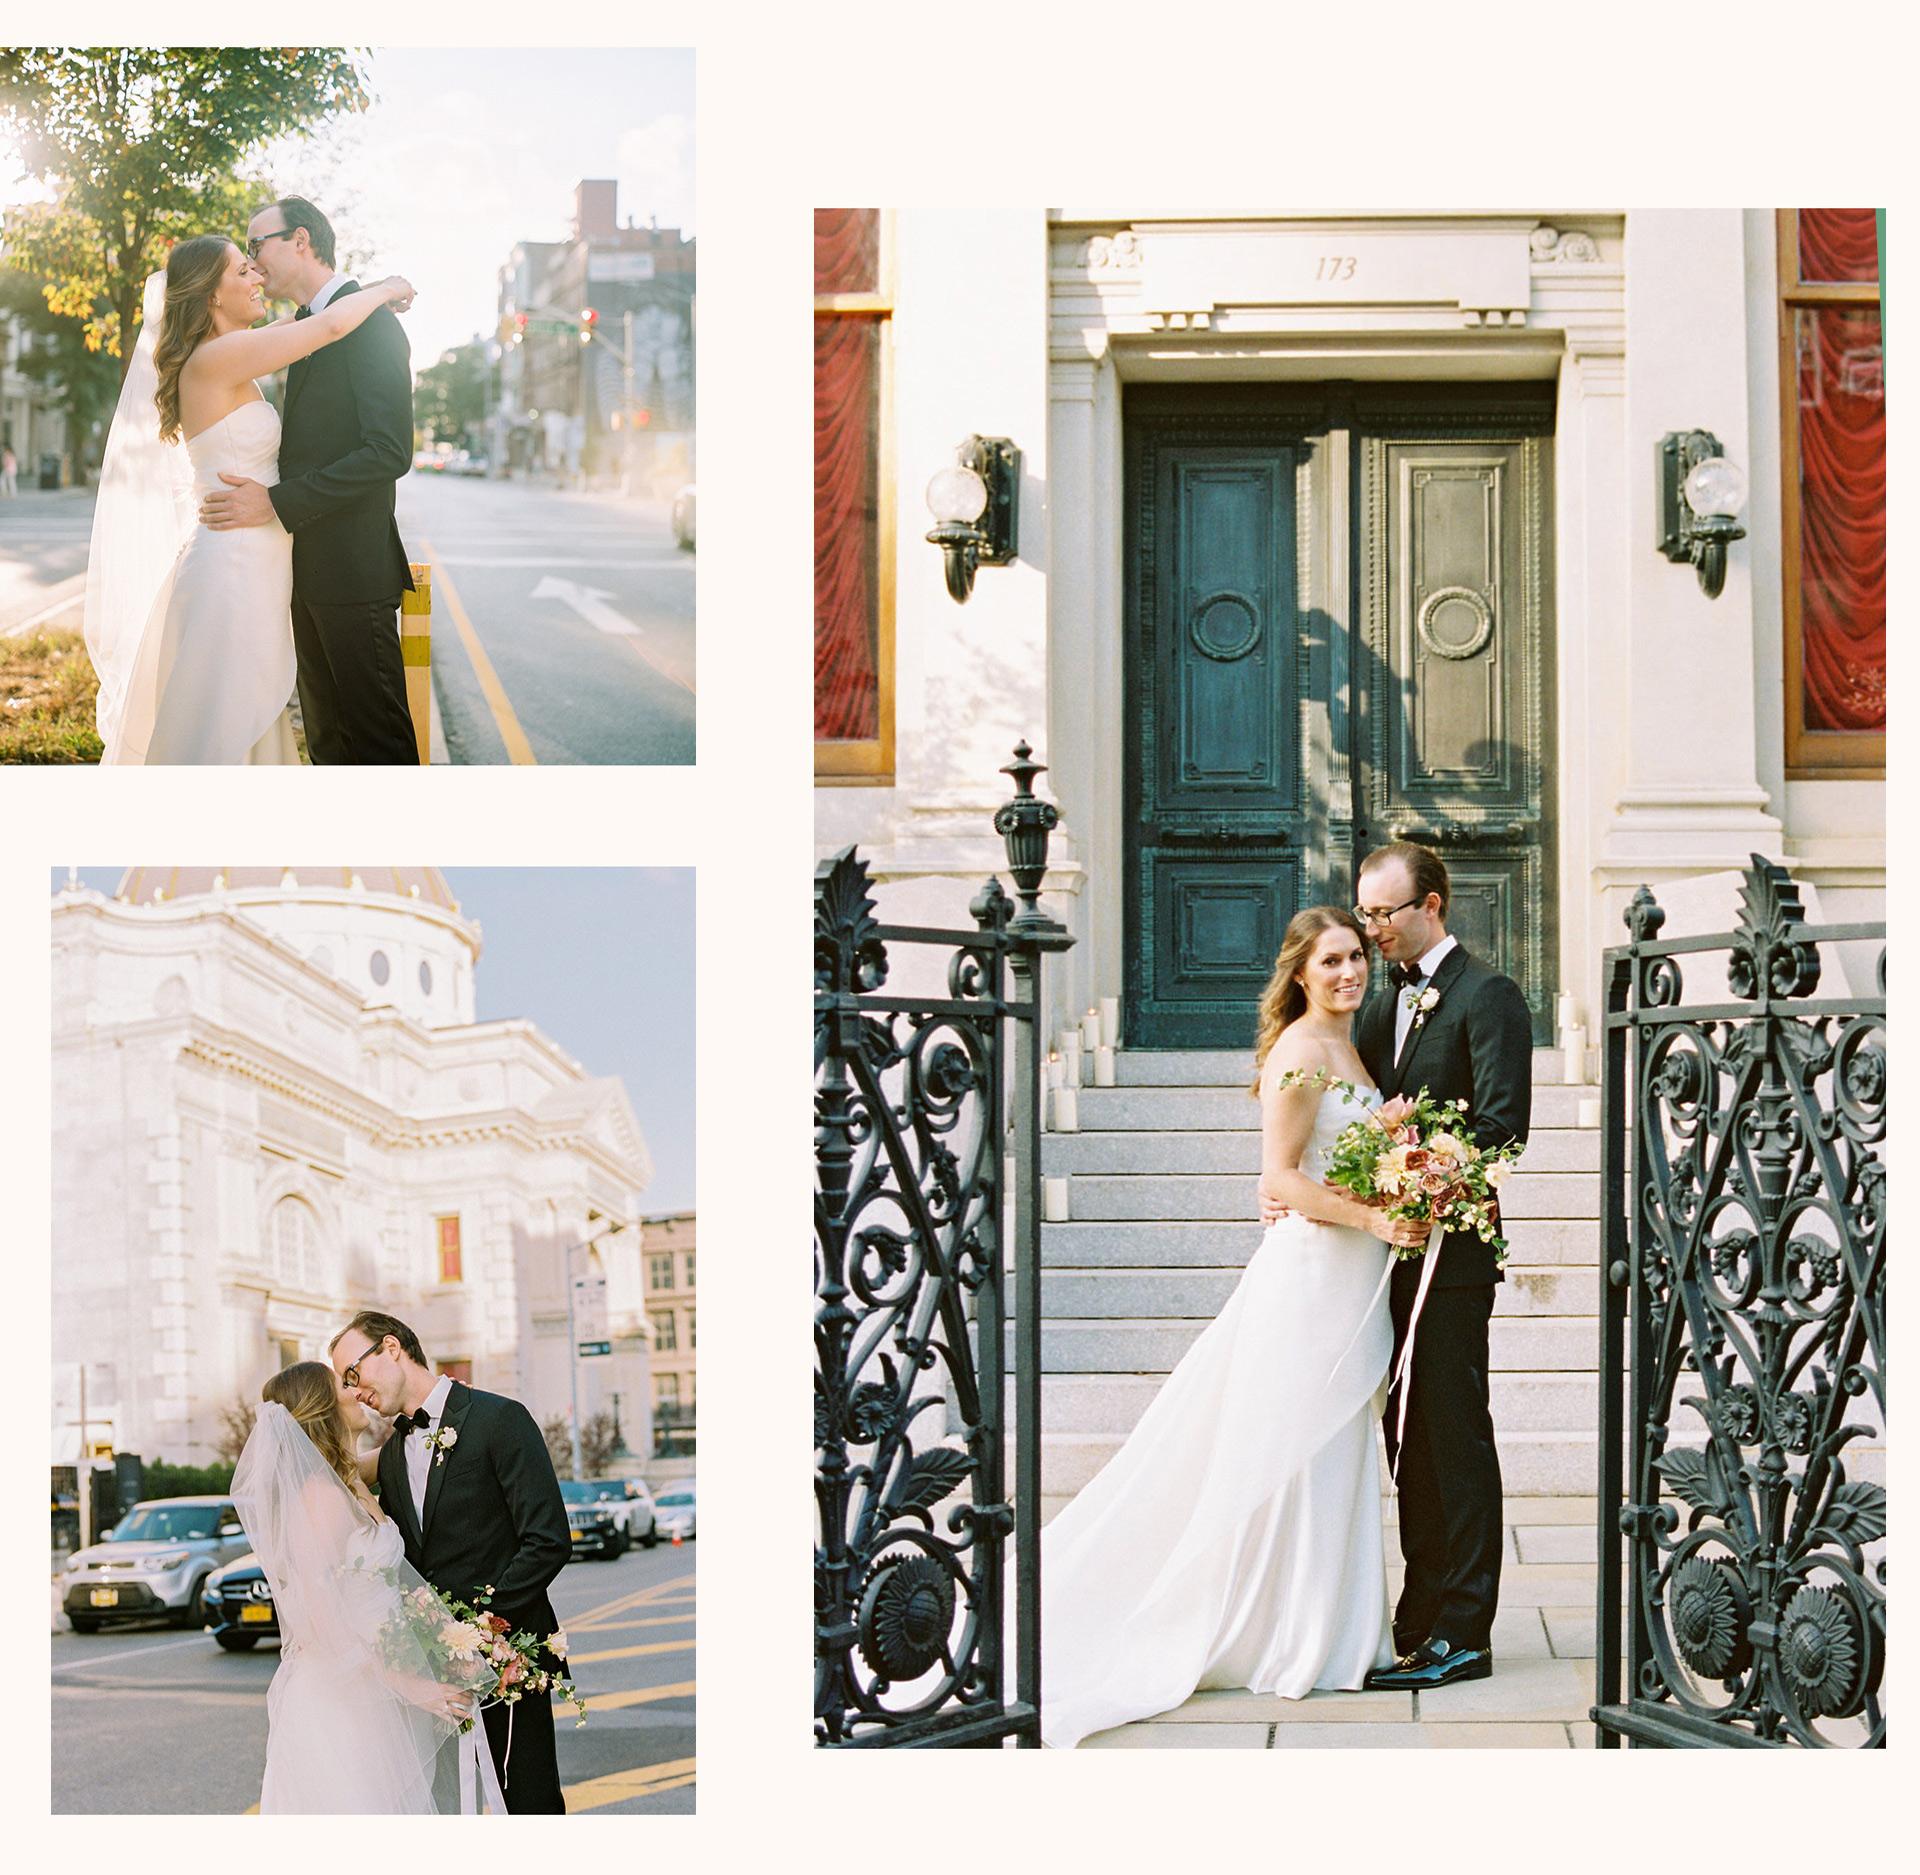 9 Brooklyn weddding photographer weylin - WEYLIN WEDDING IN WILLIAMSBURG - BROOKLYN, NY